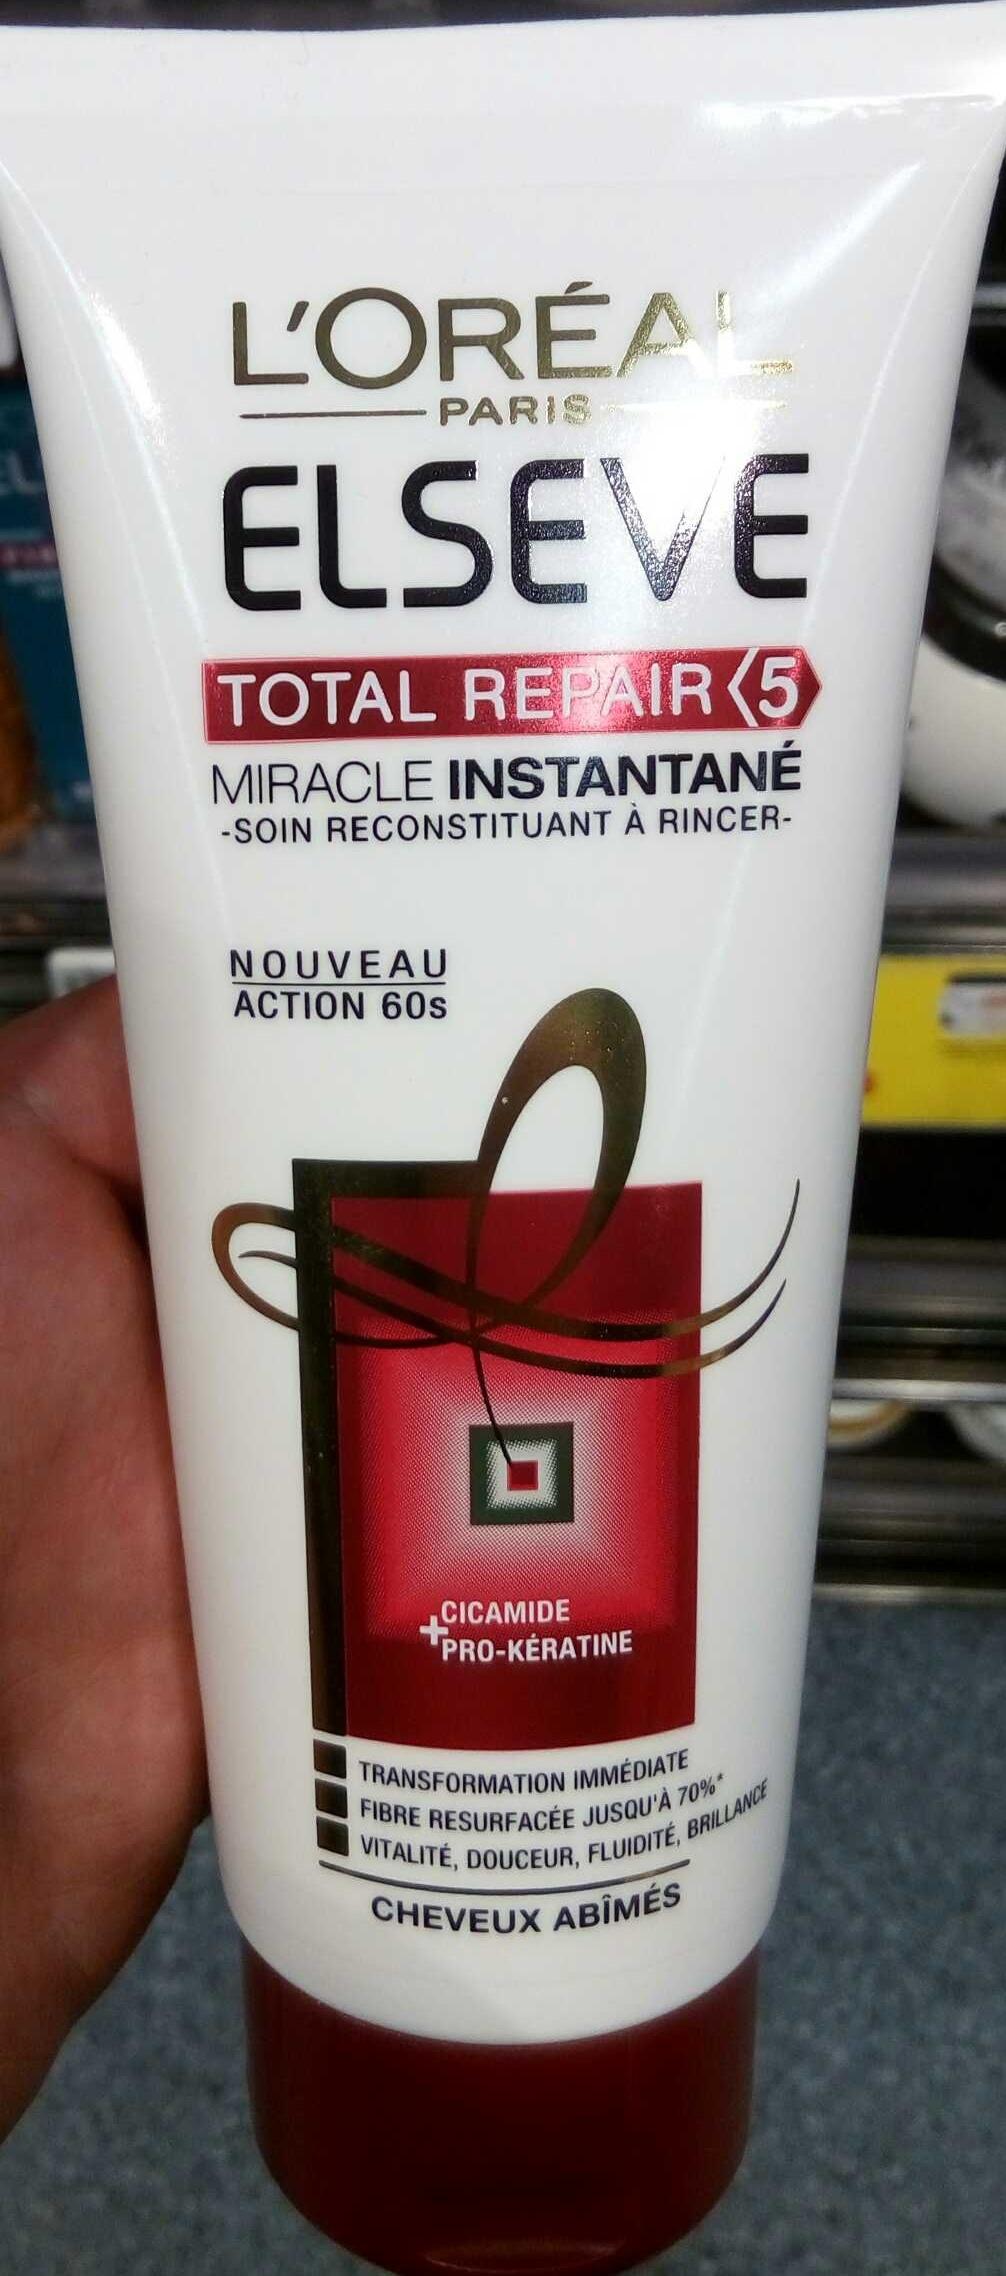 Elsene Total Repair 5 Miracle Instantané - Produit - fr